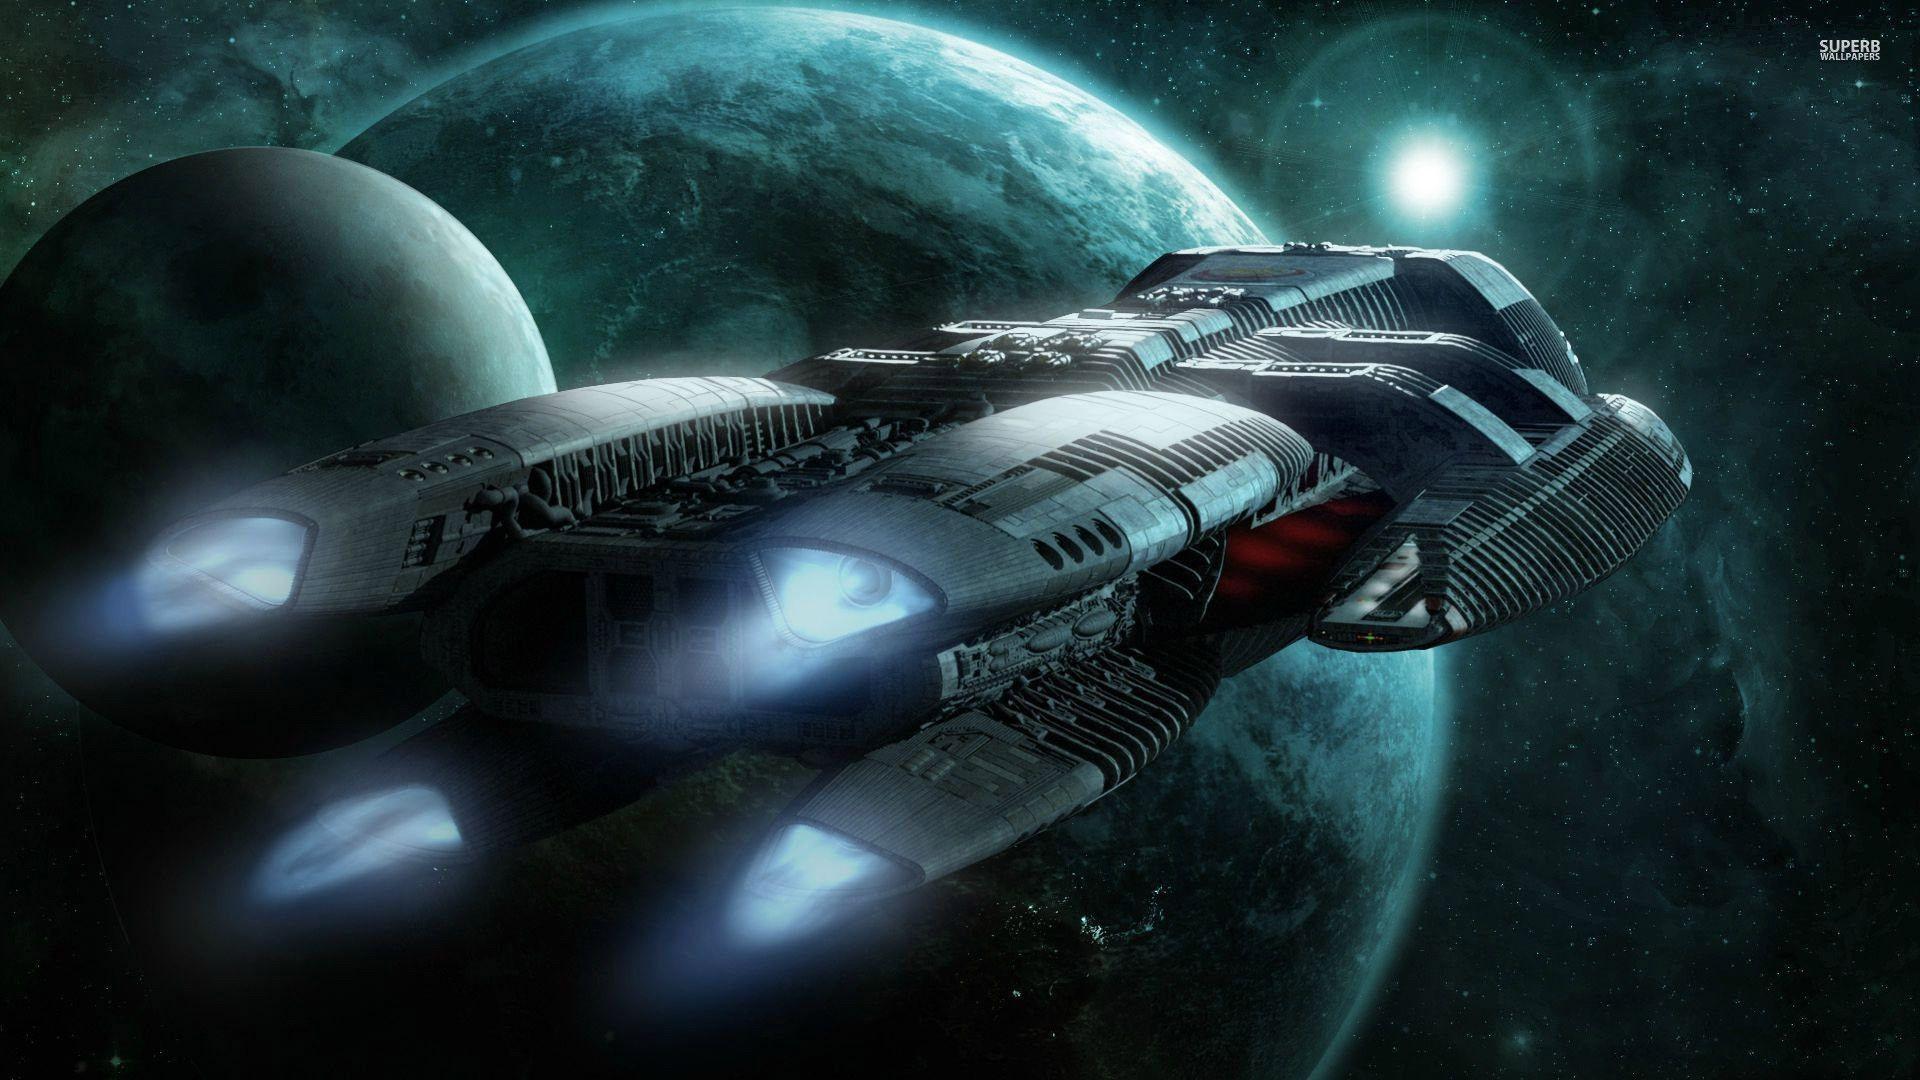 Battlestar Galactica Wallpapers – Wallpaper Cave